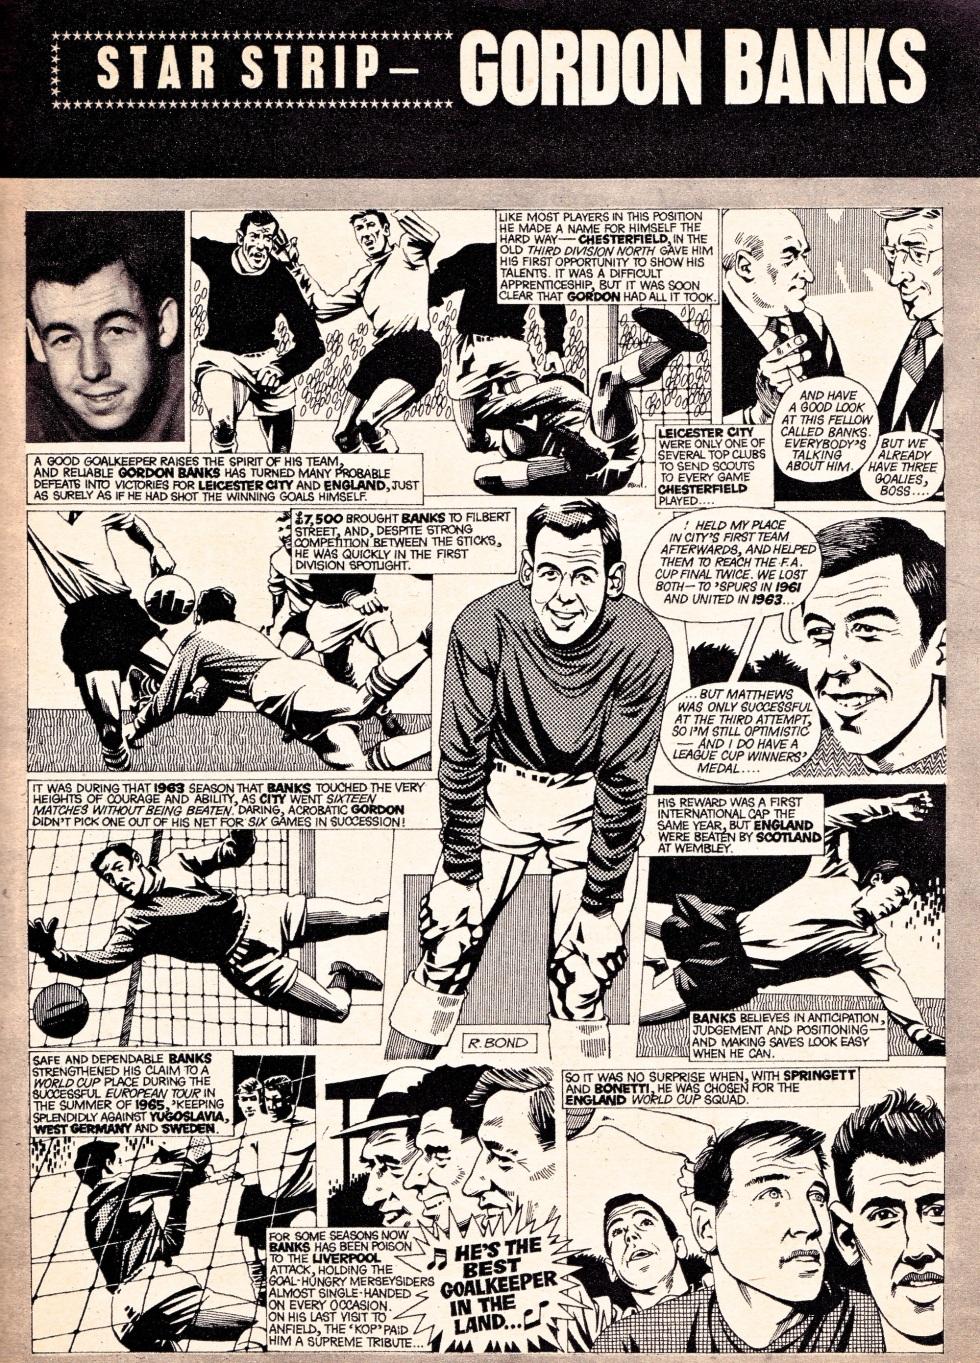 Gordon Banks, 1966